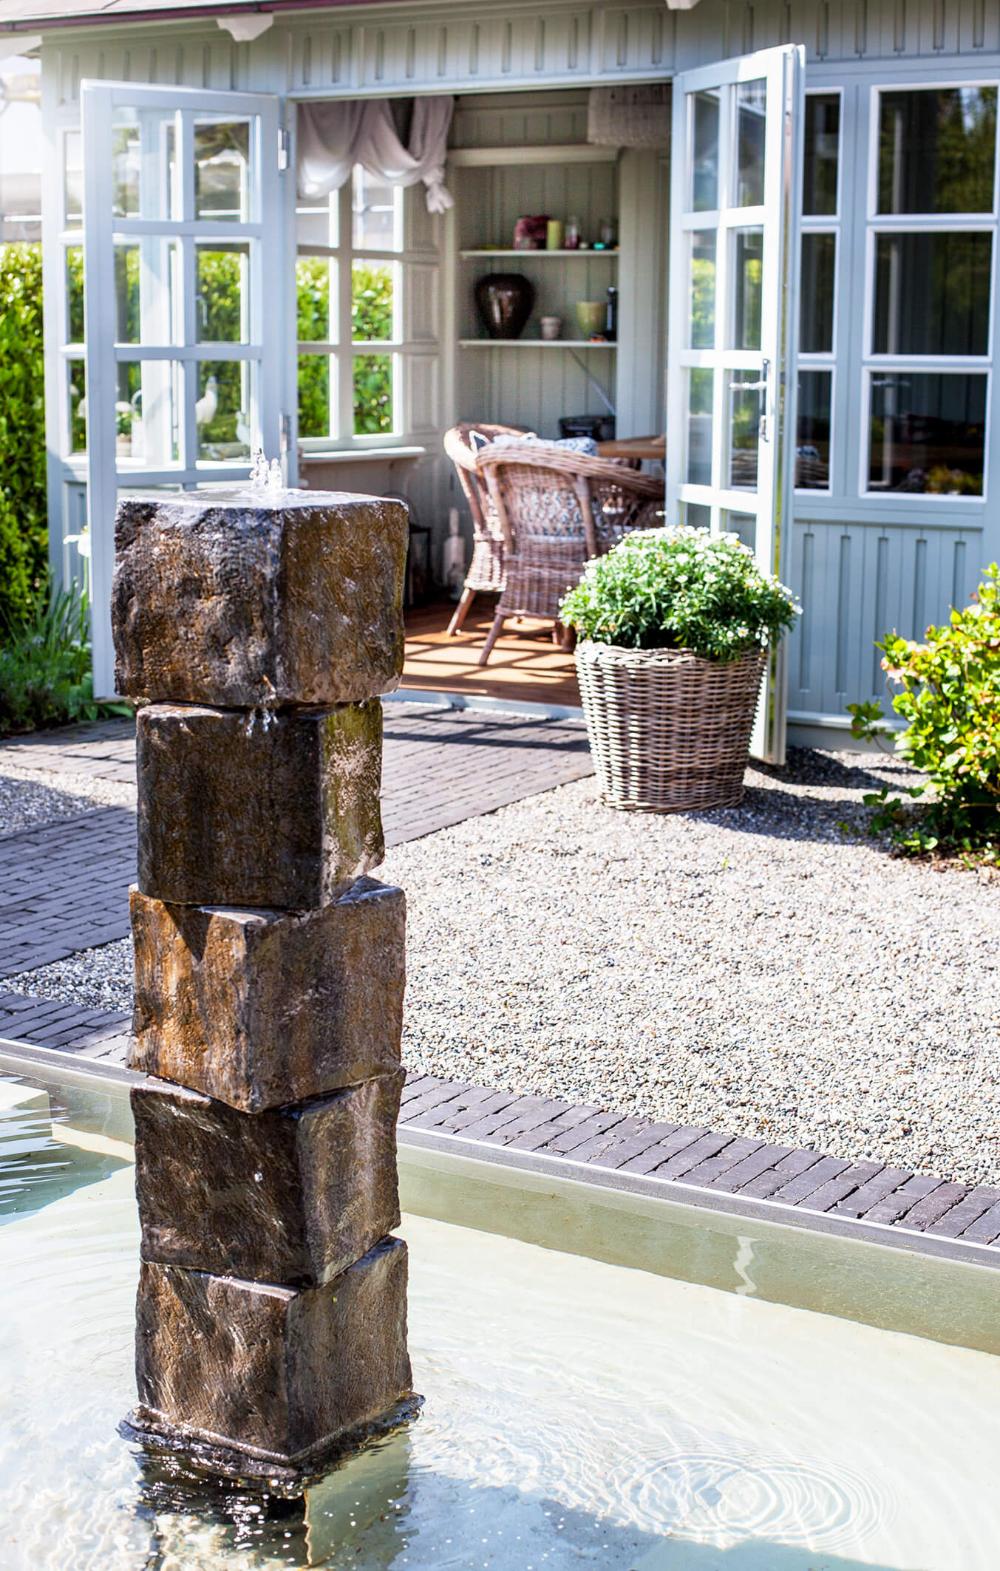 Garten Mit Wasser Wasserbecken Mit Speier Gartengestaltung Wasserbecken Garten